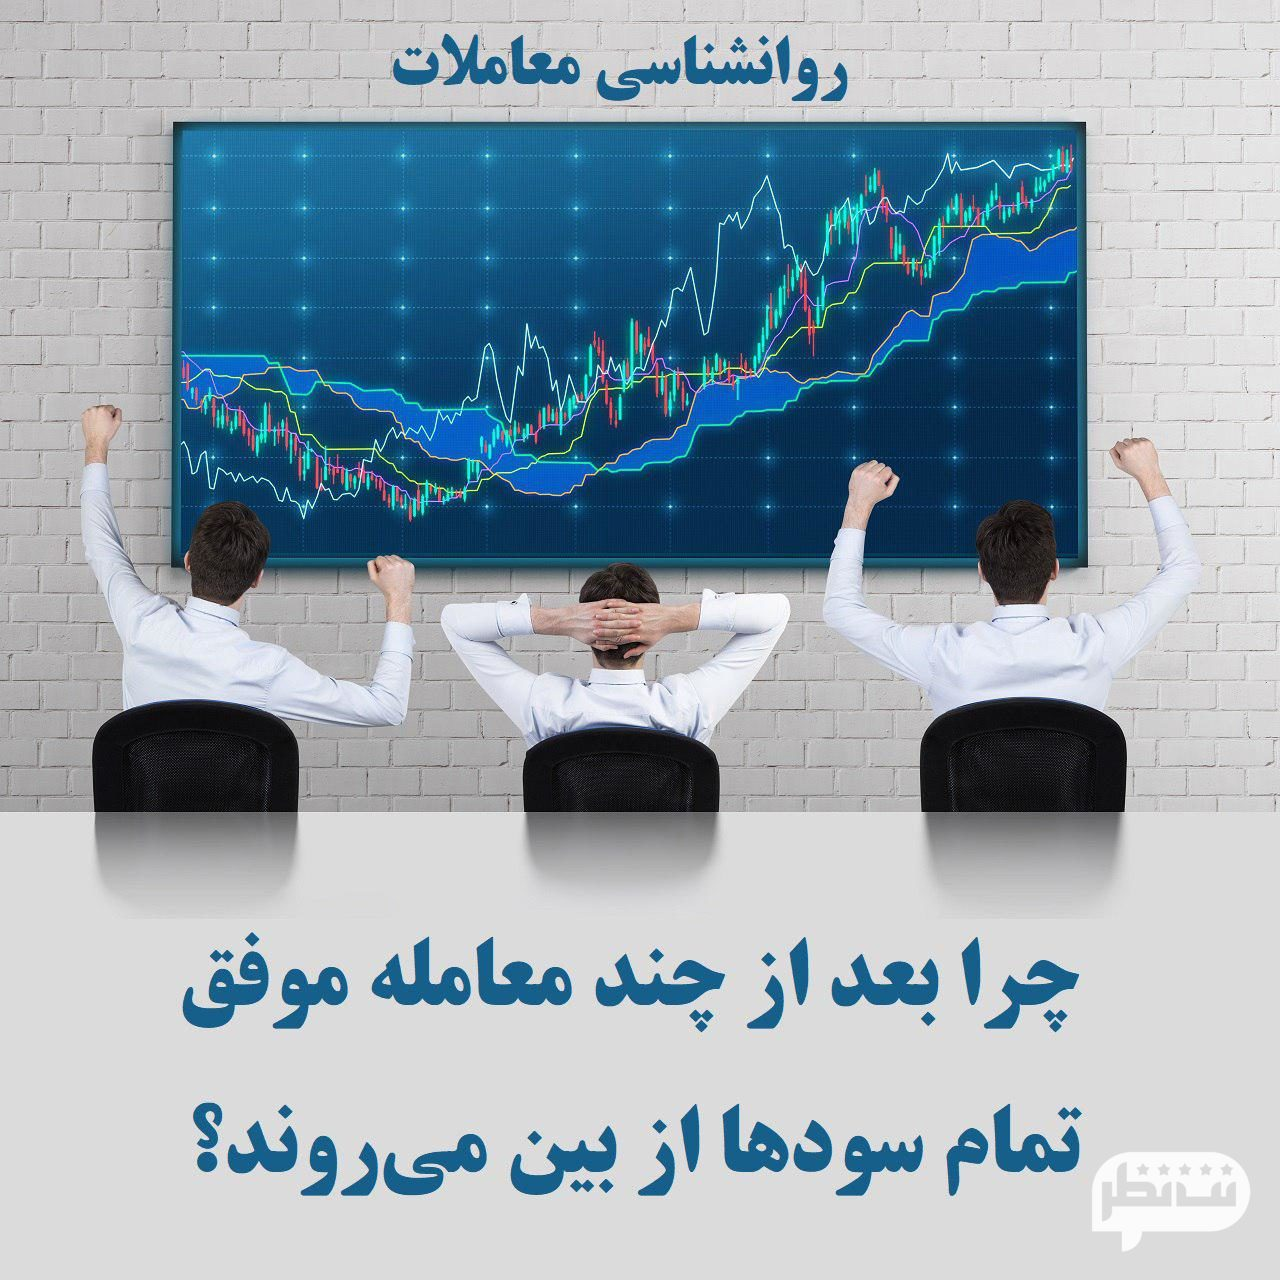 روانشناسی بازار در بازار سرمایه